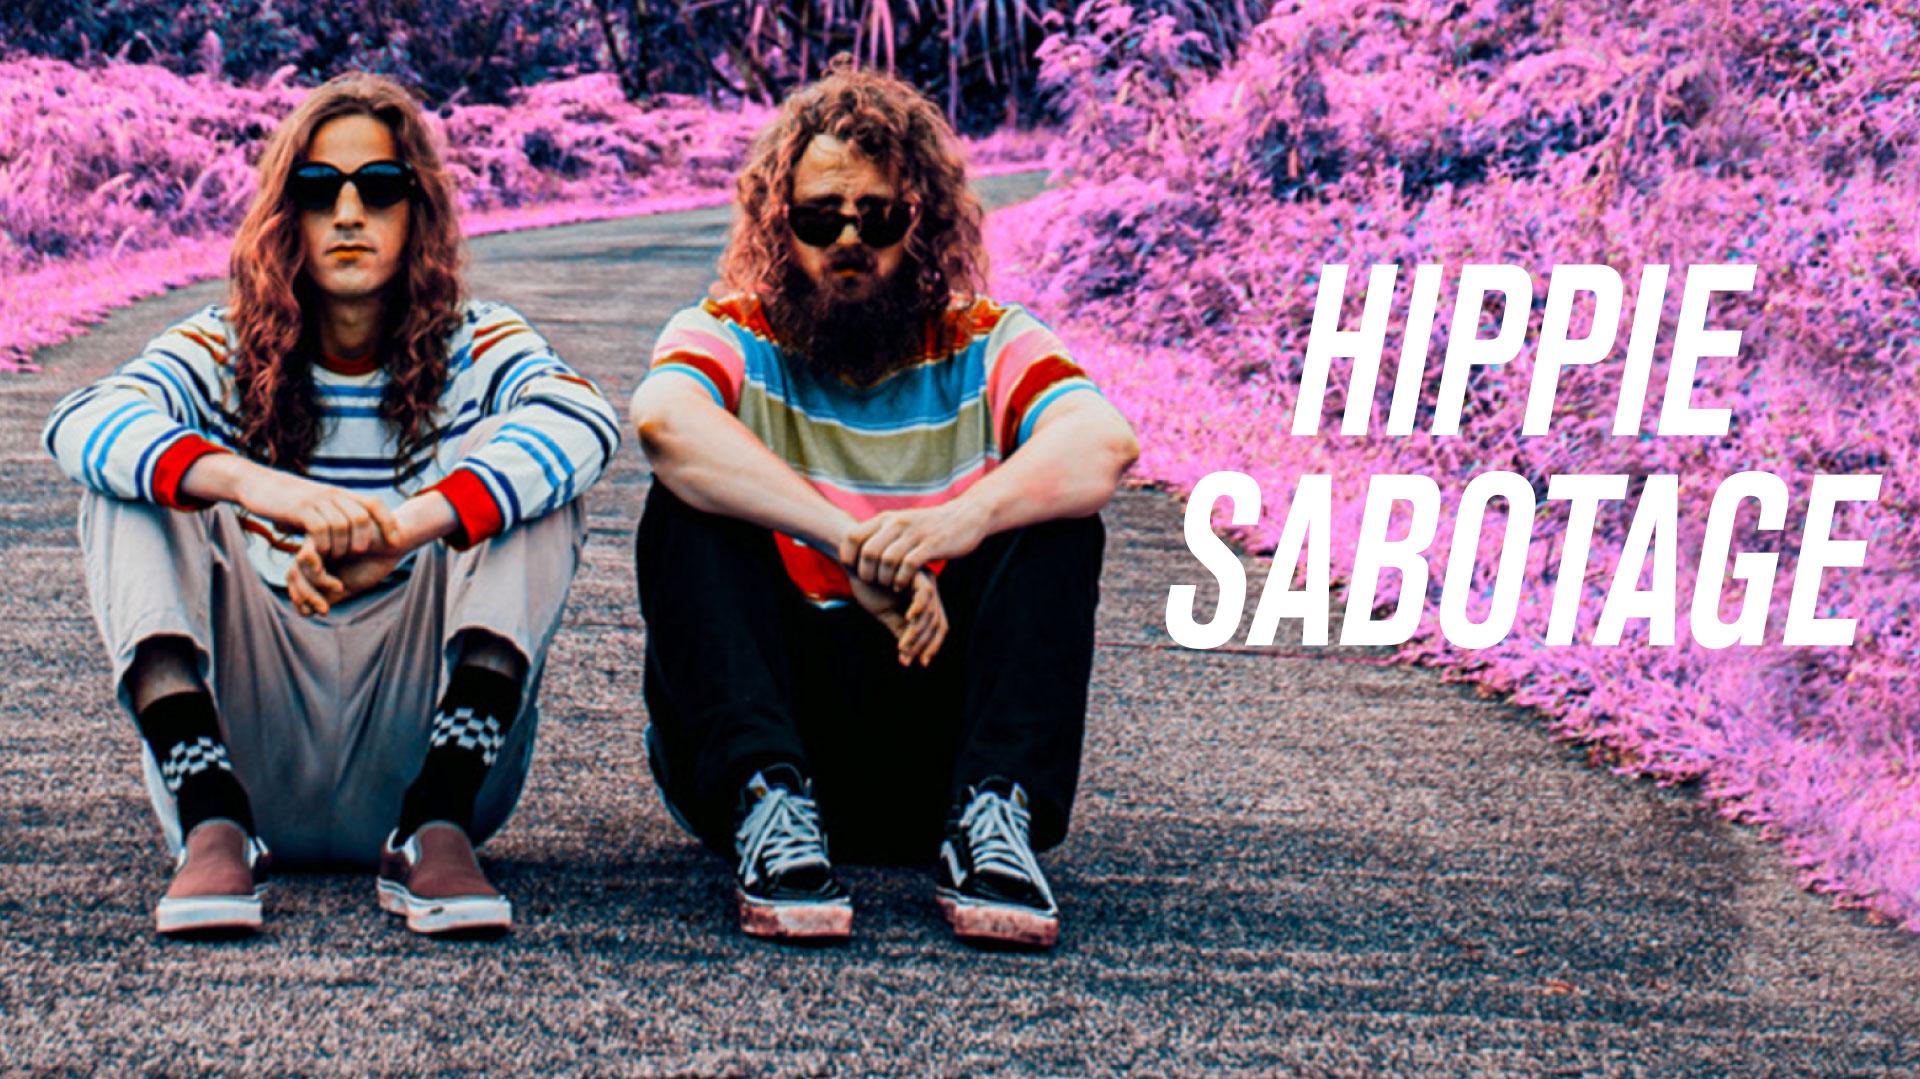 Hippie Sabotage